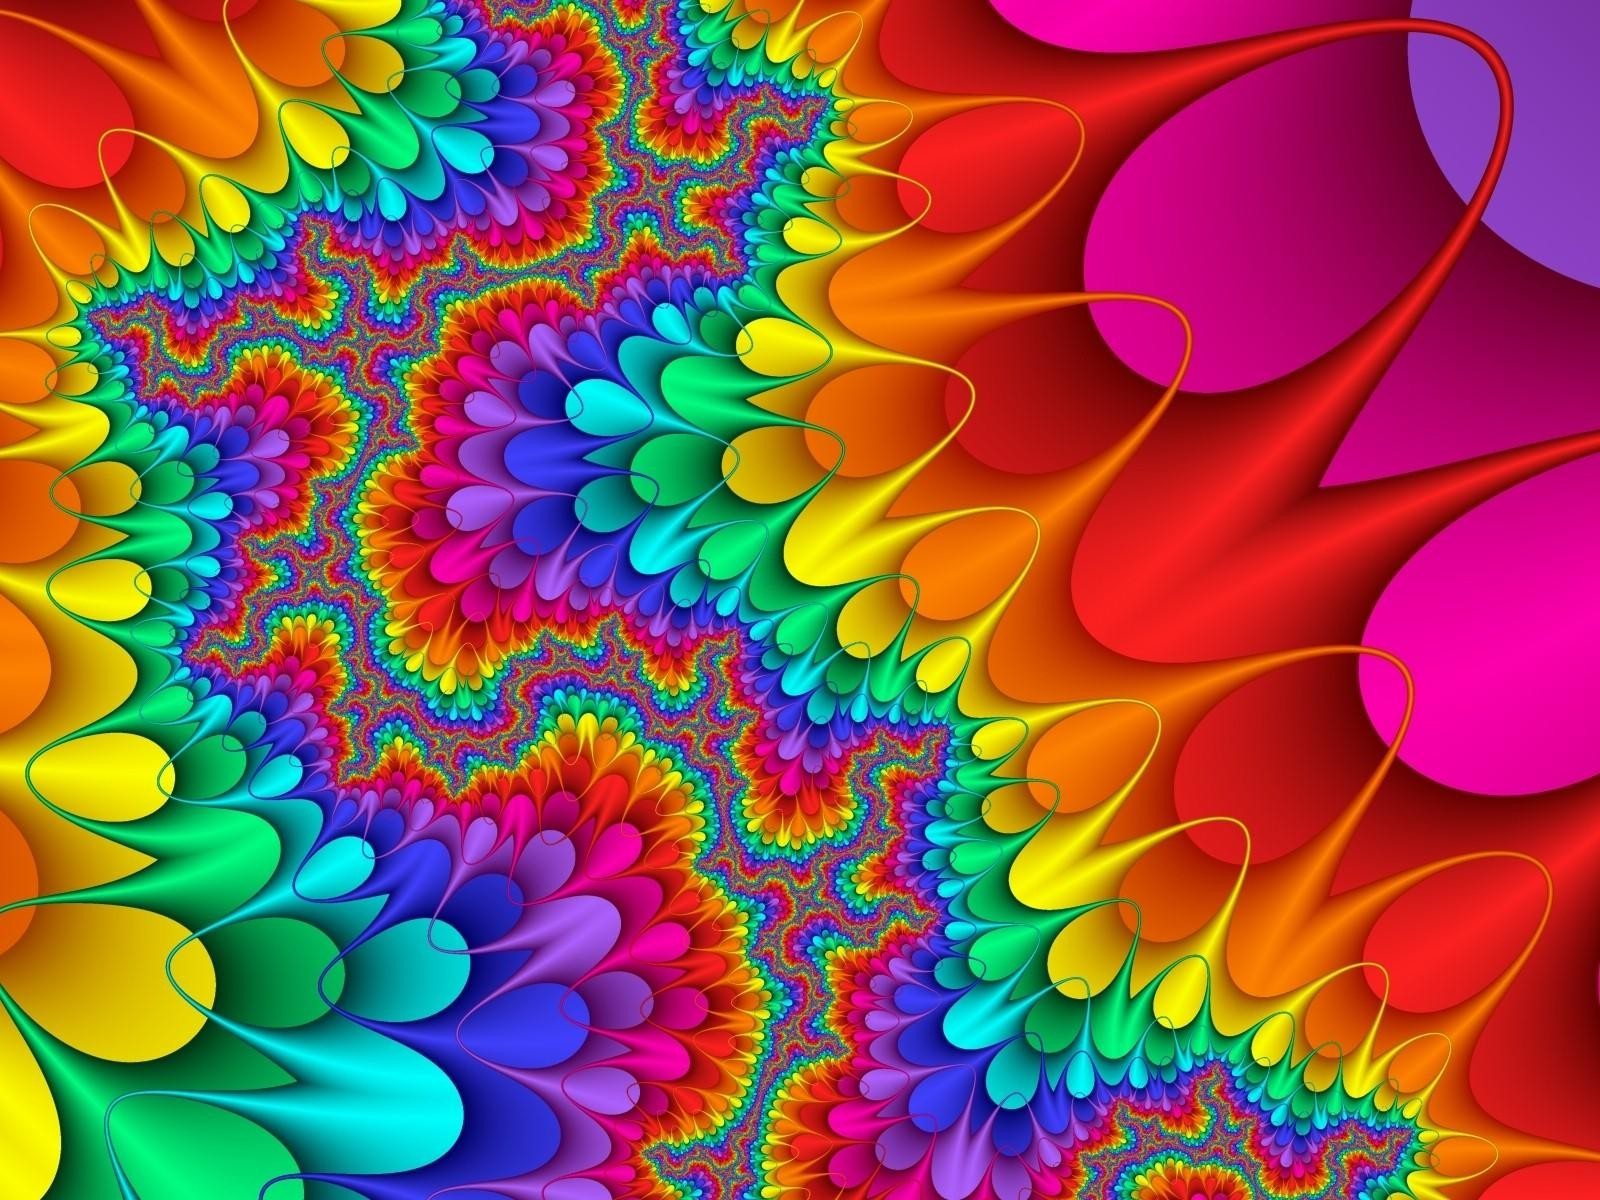 Яркие картинки на заставку в телефон